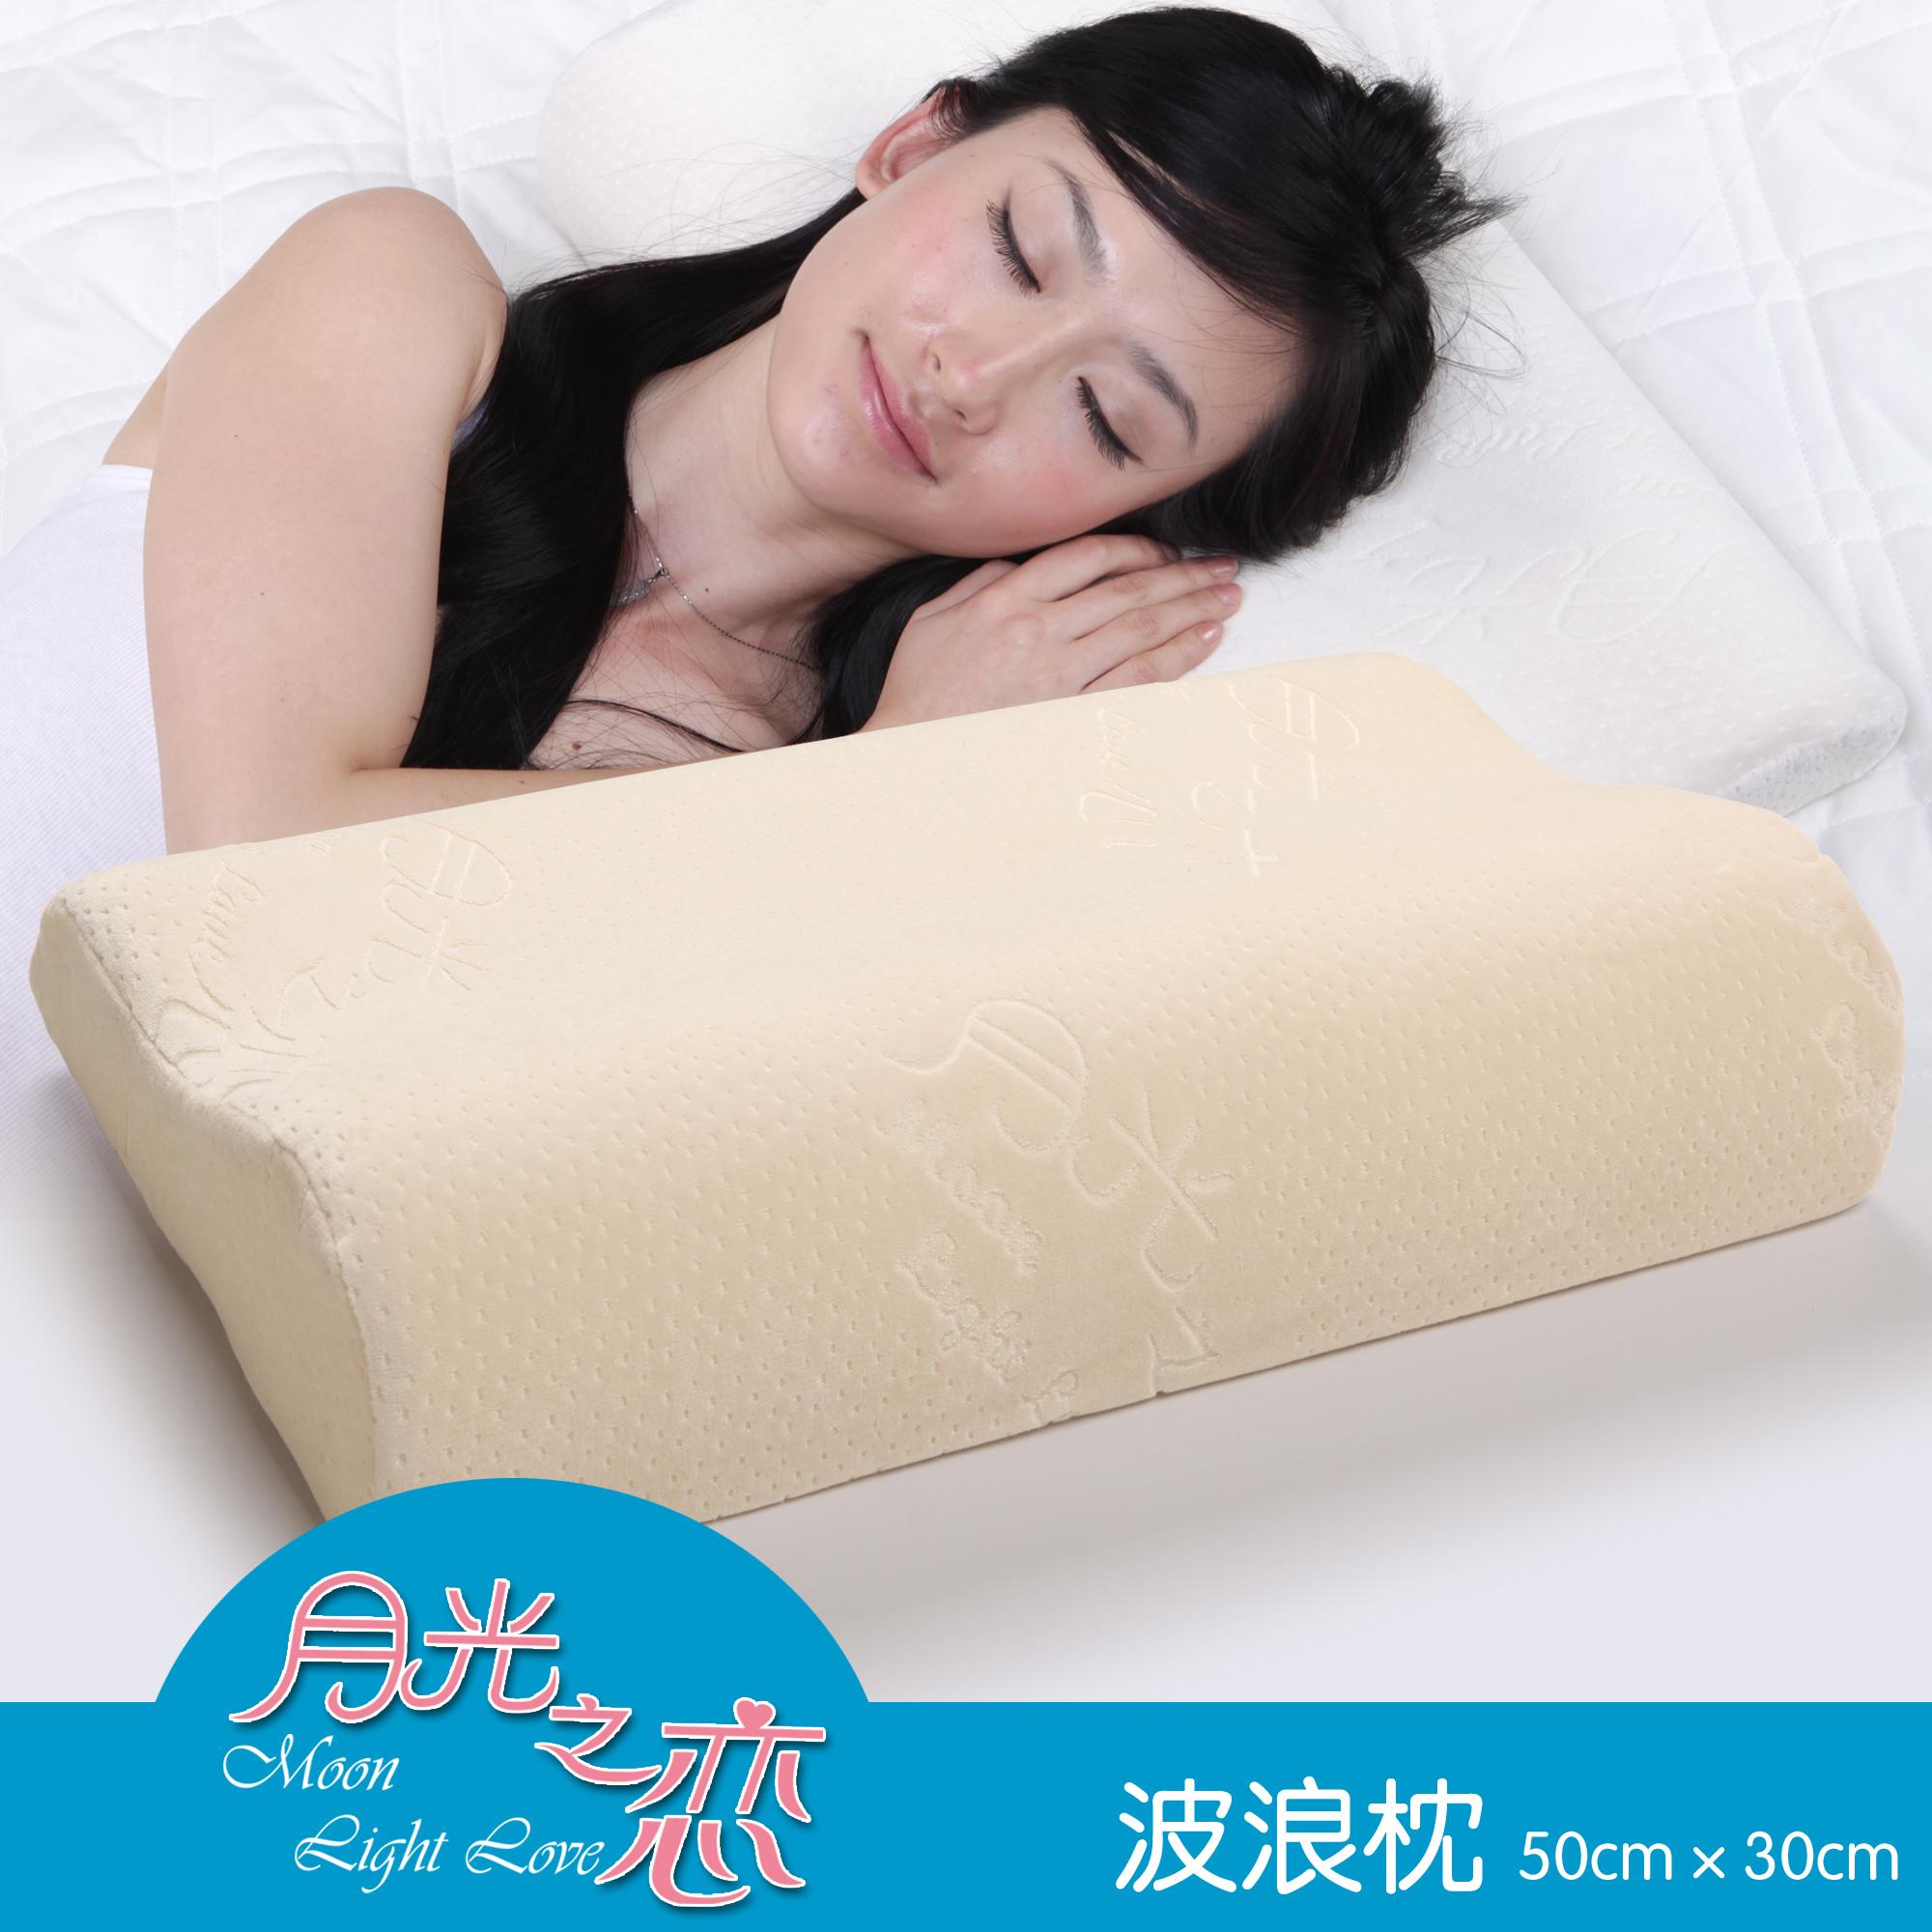 月光之恋 记忆枕慢回弹颈椎保健枕太空记忆枕头 枕芯护颈枕 枕头